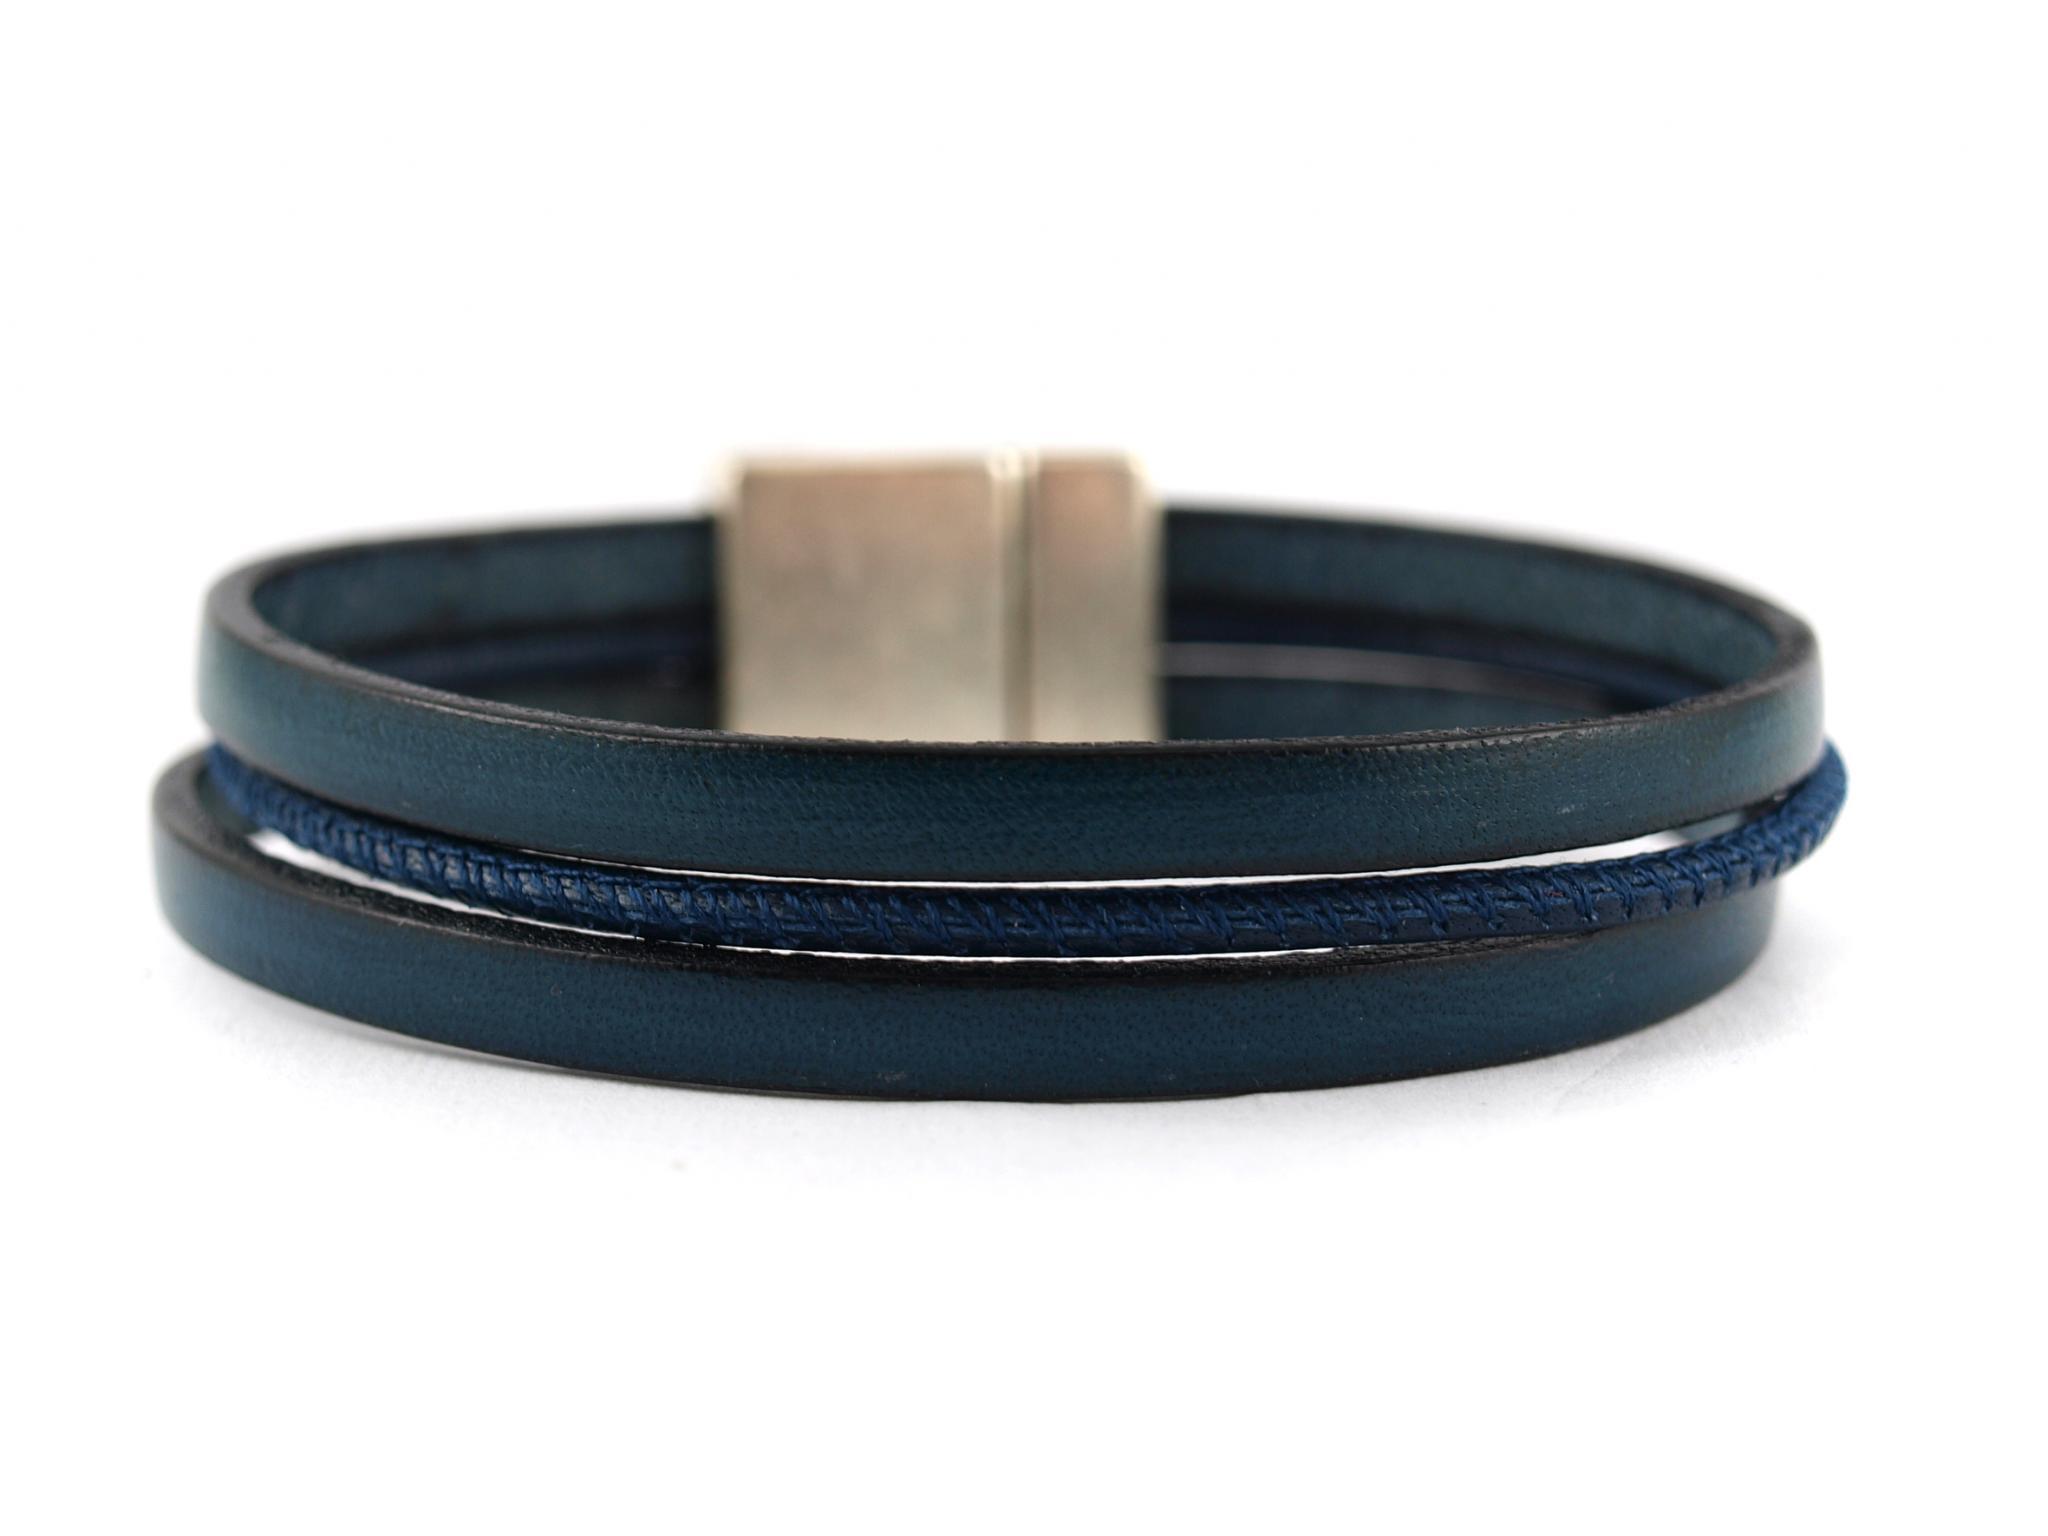 Gro/ßer Ring 2,5 cm Dunkelblau und Silberfarben f/ür die Tochter